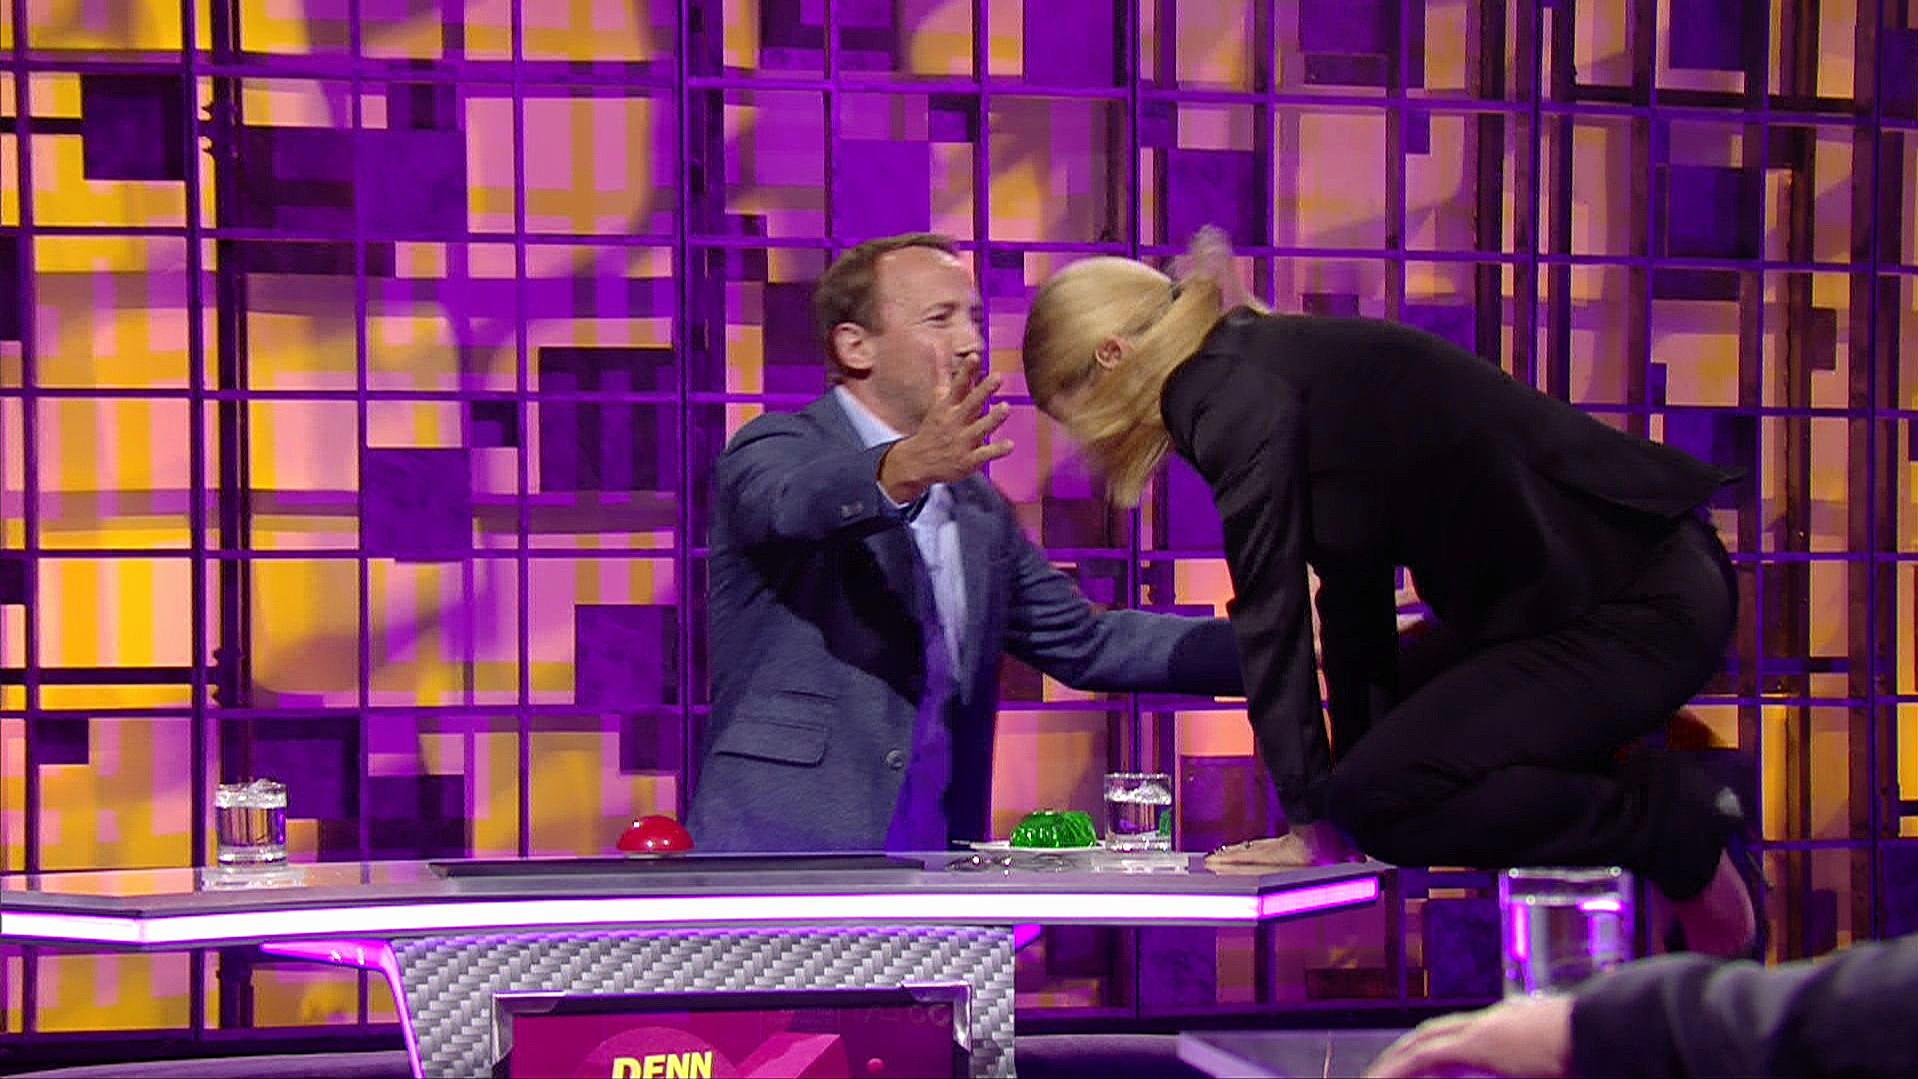 Michelle Hunziker: Höschen-Blamage! Moderatorin platzt die Hose in RTL-Show